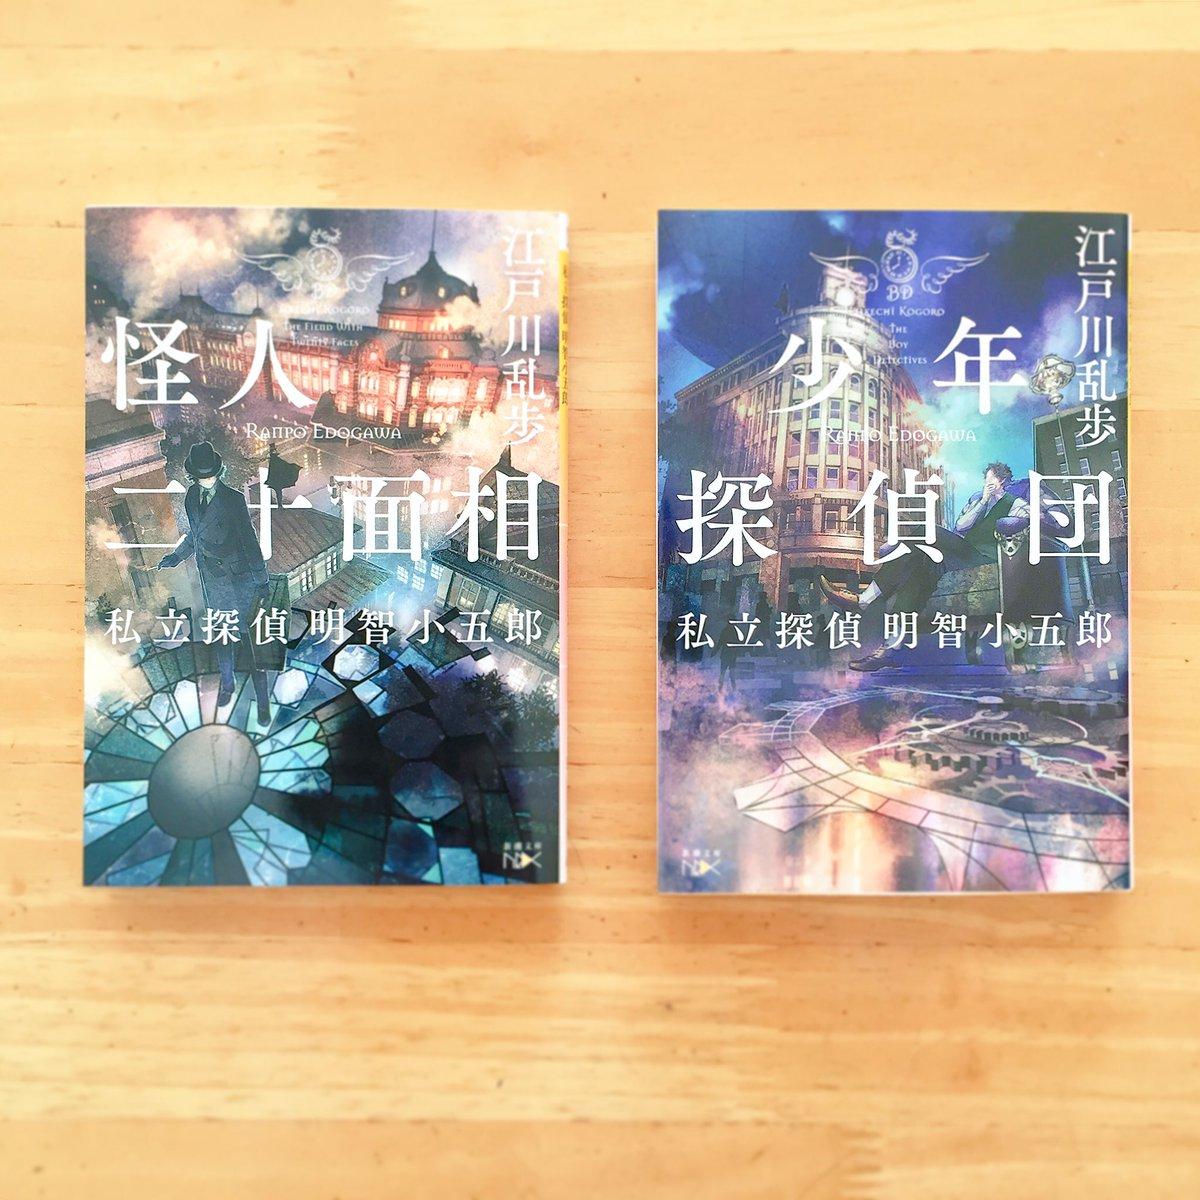 『怪人二十面相』『少年探偵団』新潮文庫nexから江戸川乱歩の著作が!装丁が美しくて三度見。解説も豪華です( ⸝⸝・໐・⸝